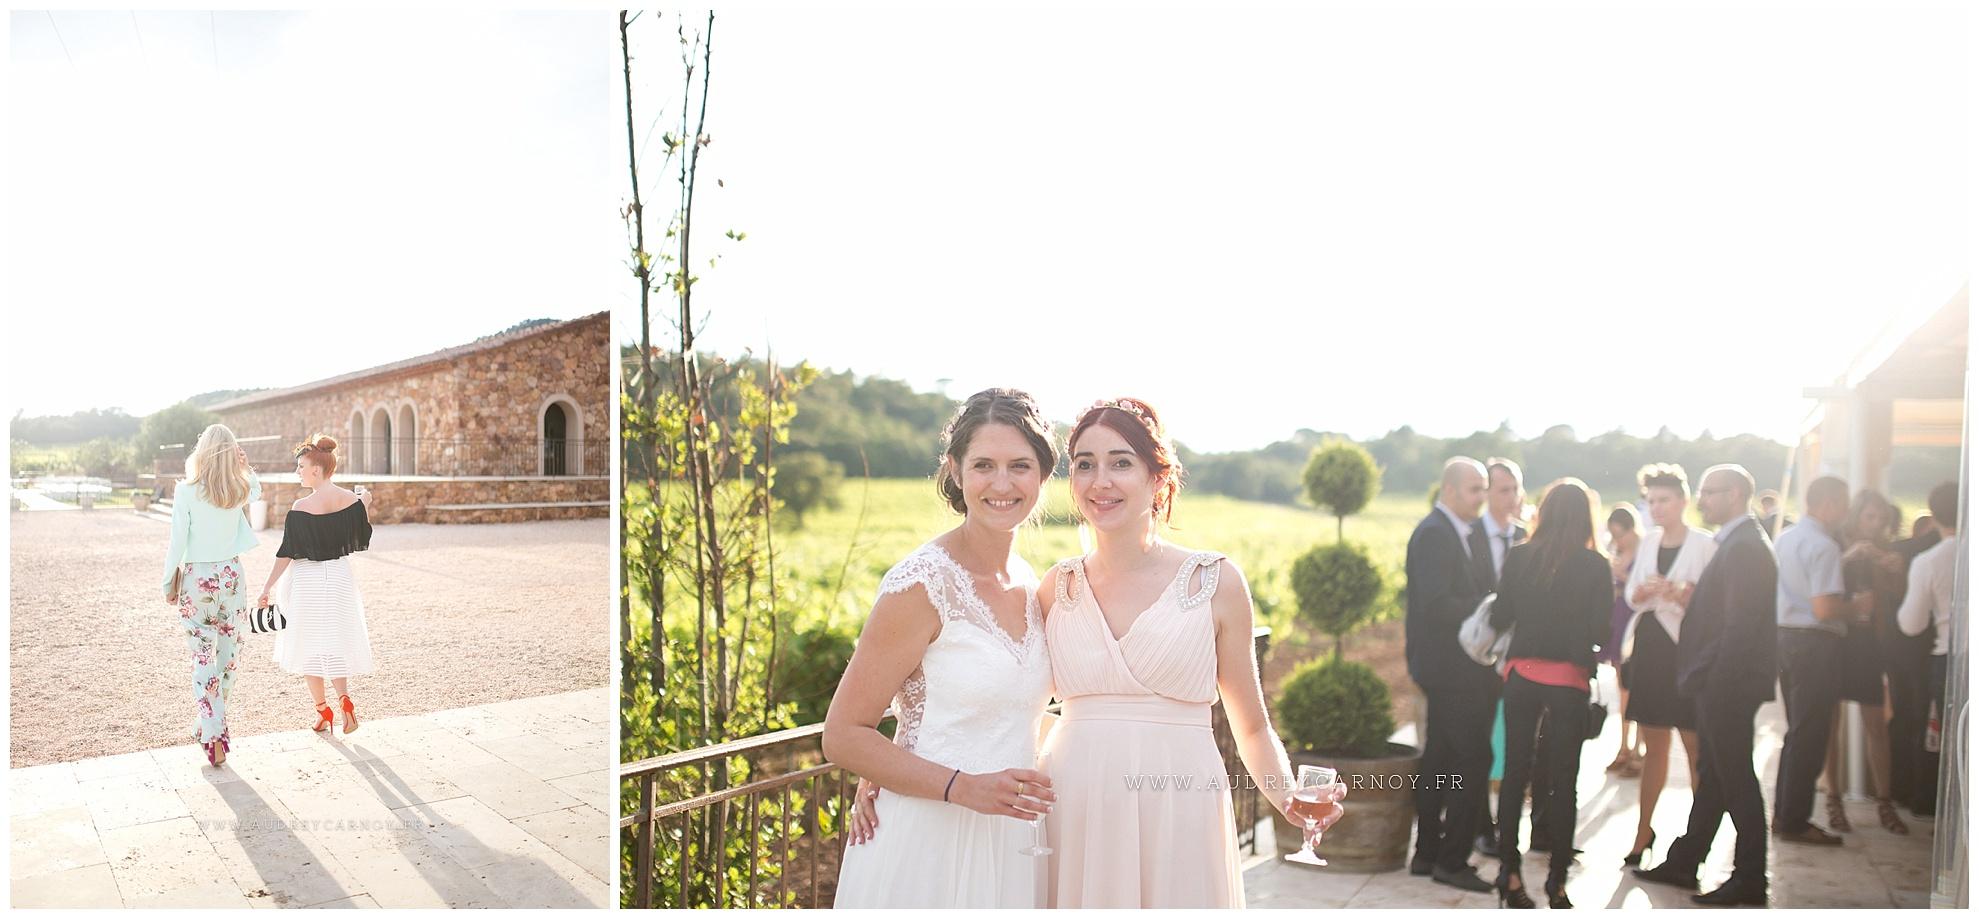 Mariage au domaine de la Bouverie - Roquebrunes sur Argens | Sophie & Nicolas 48